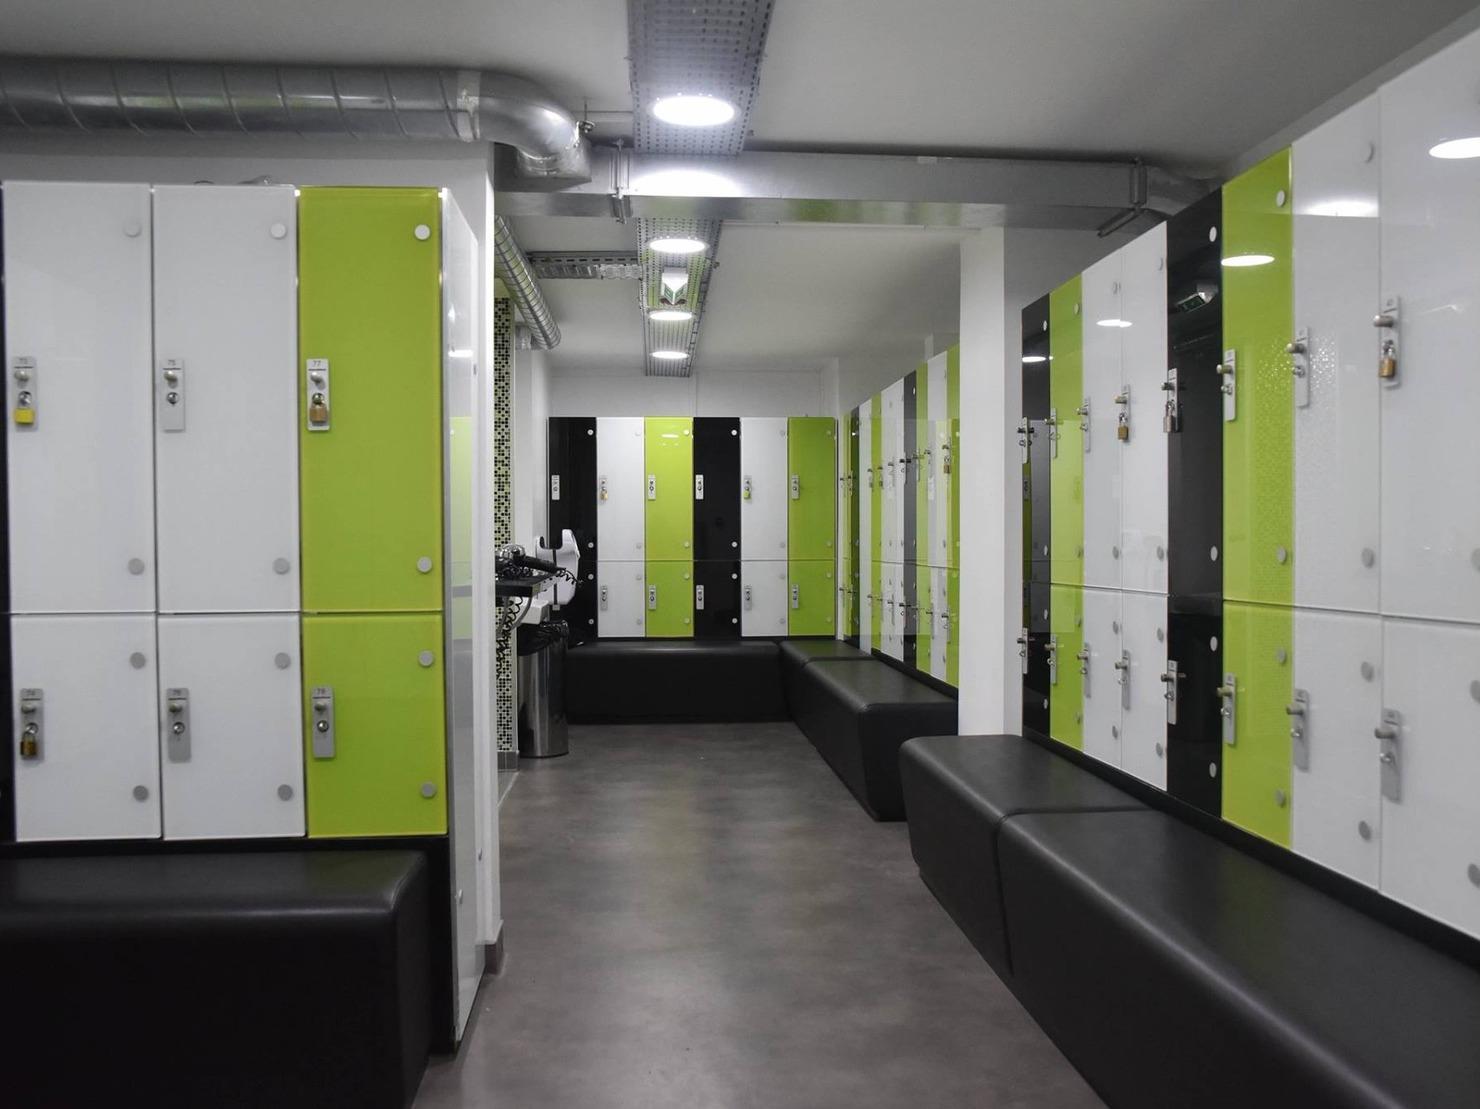 Aqualoft à saint thibault des vignes 77, Aix, Paris et Ruel Malmaison sont des salles de sport avec cardio-training, musculation et aquagym.